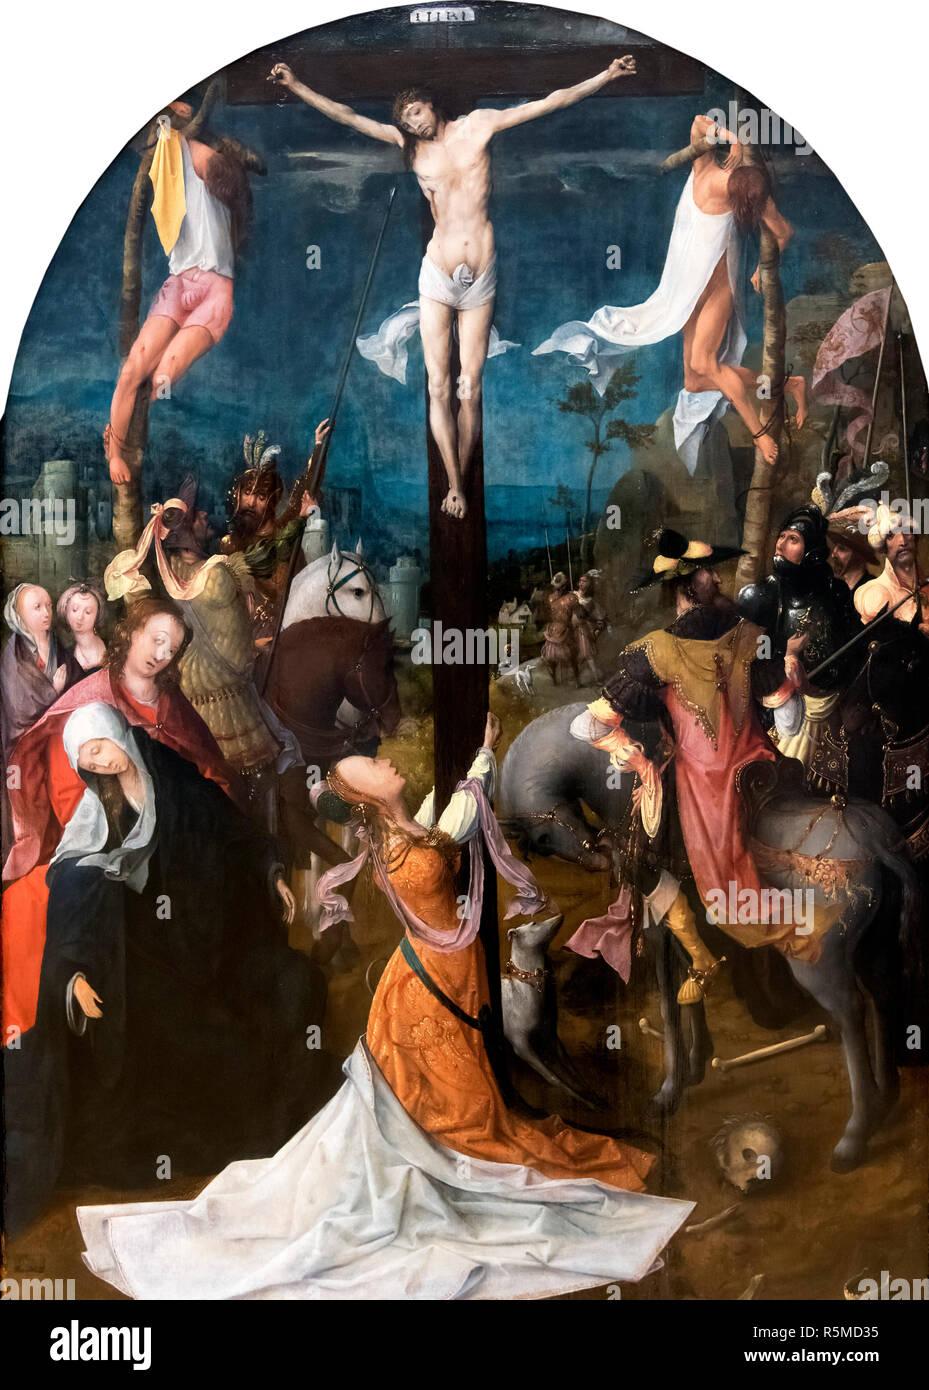 Calvario (Golgota) di Jan de Beer (c.1475-1528), olio su pannello, c.1510 Immagini Stock